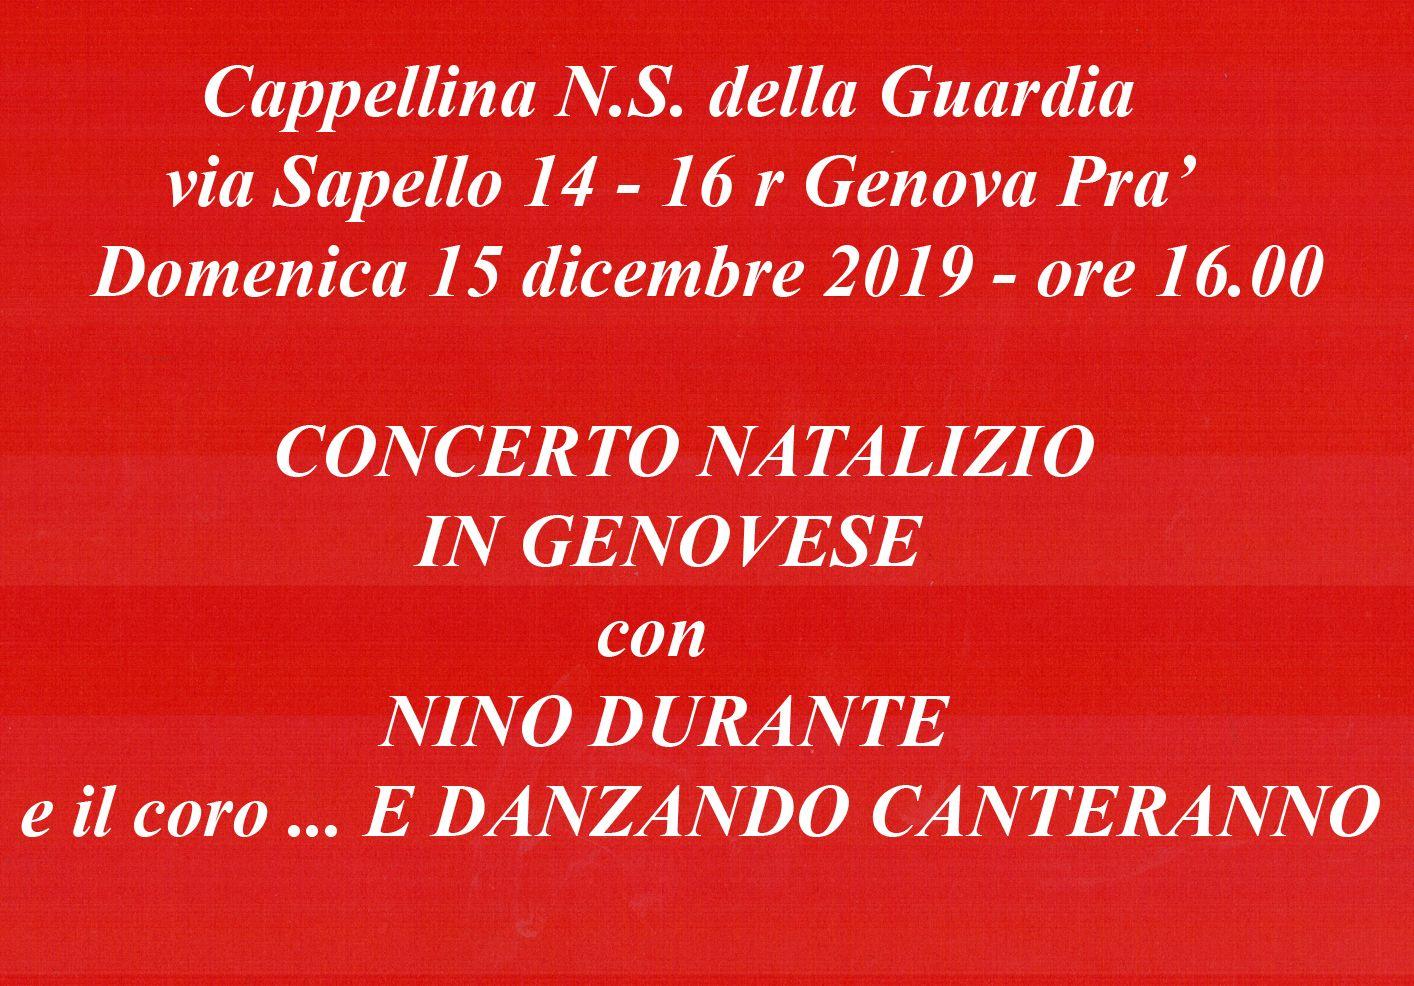 Concerto Natale Cappellina 2019